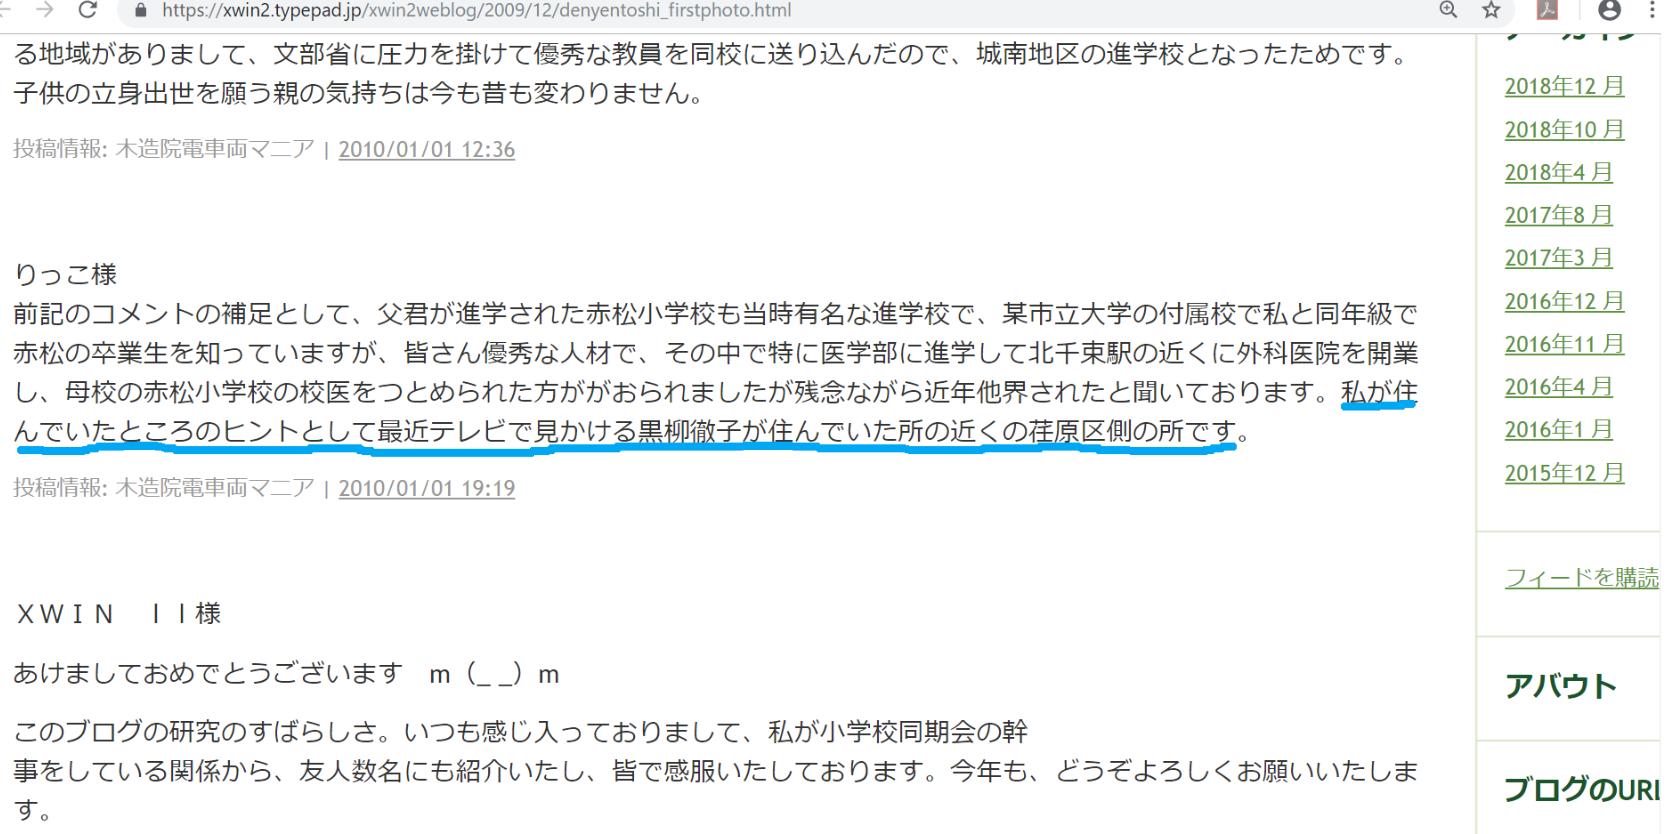 黒柳徹子 トットちゃん 実家の記述のあるブログ2